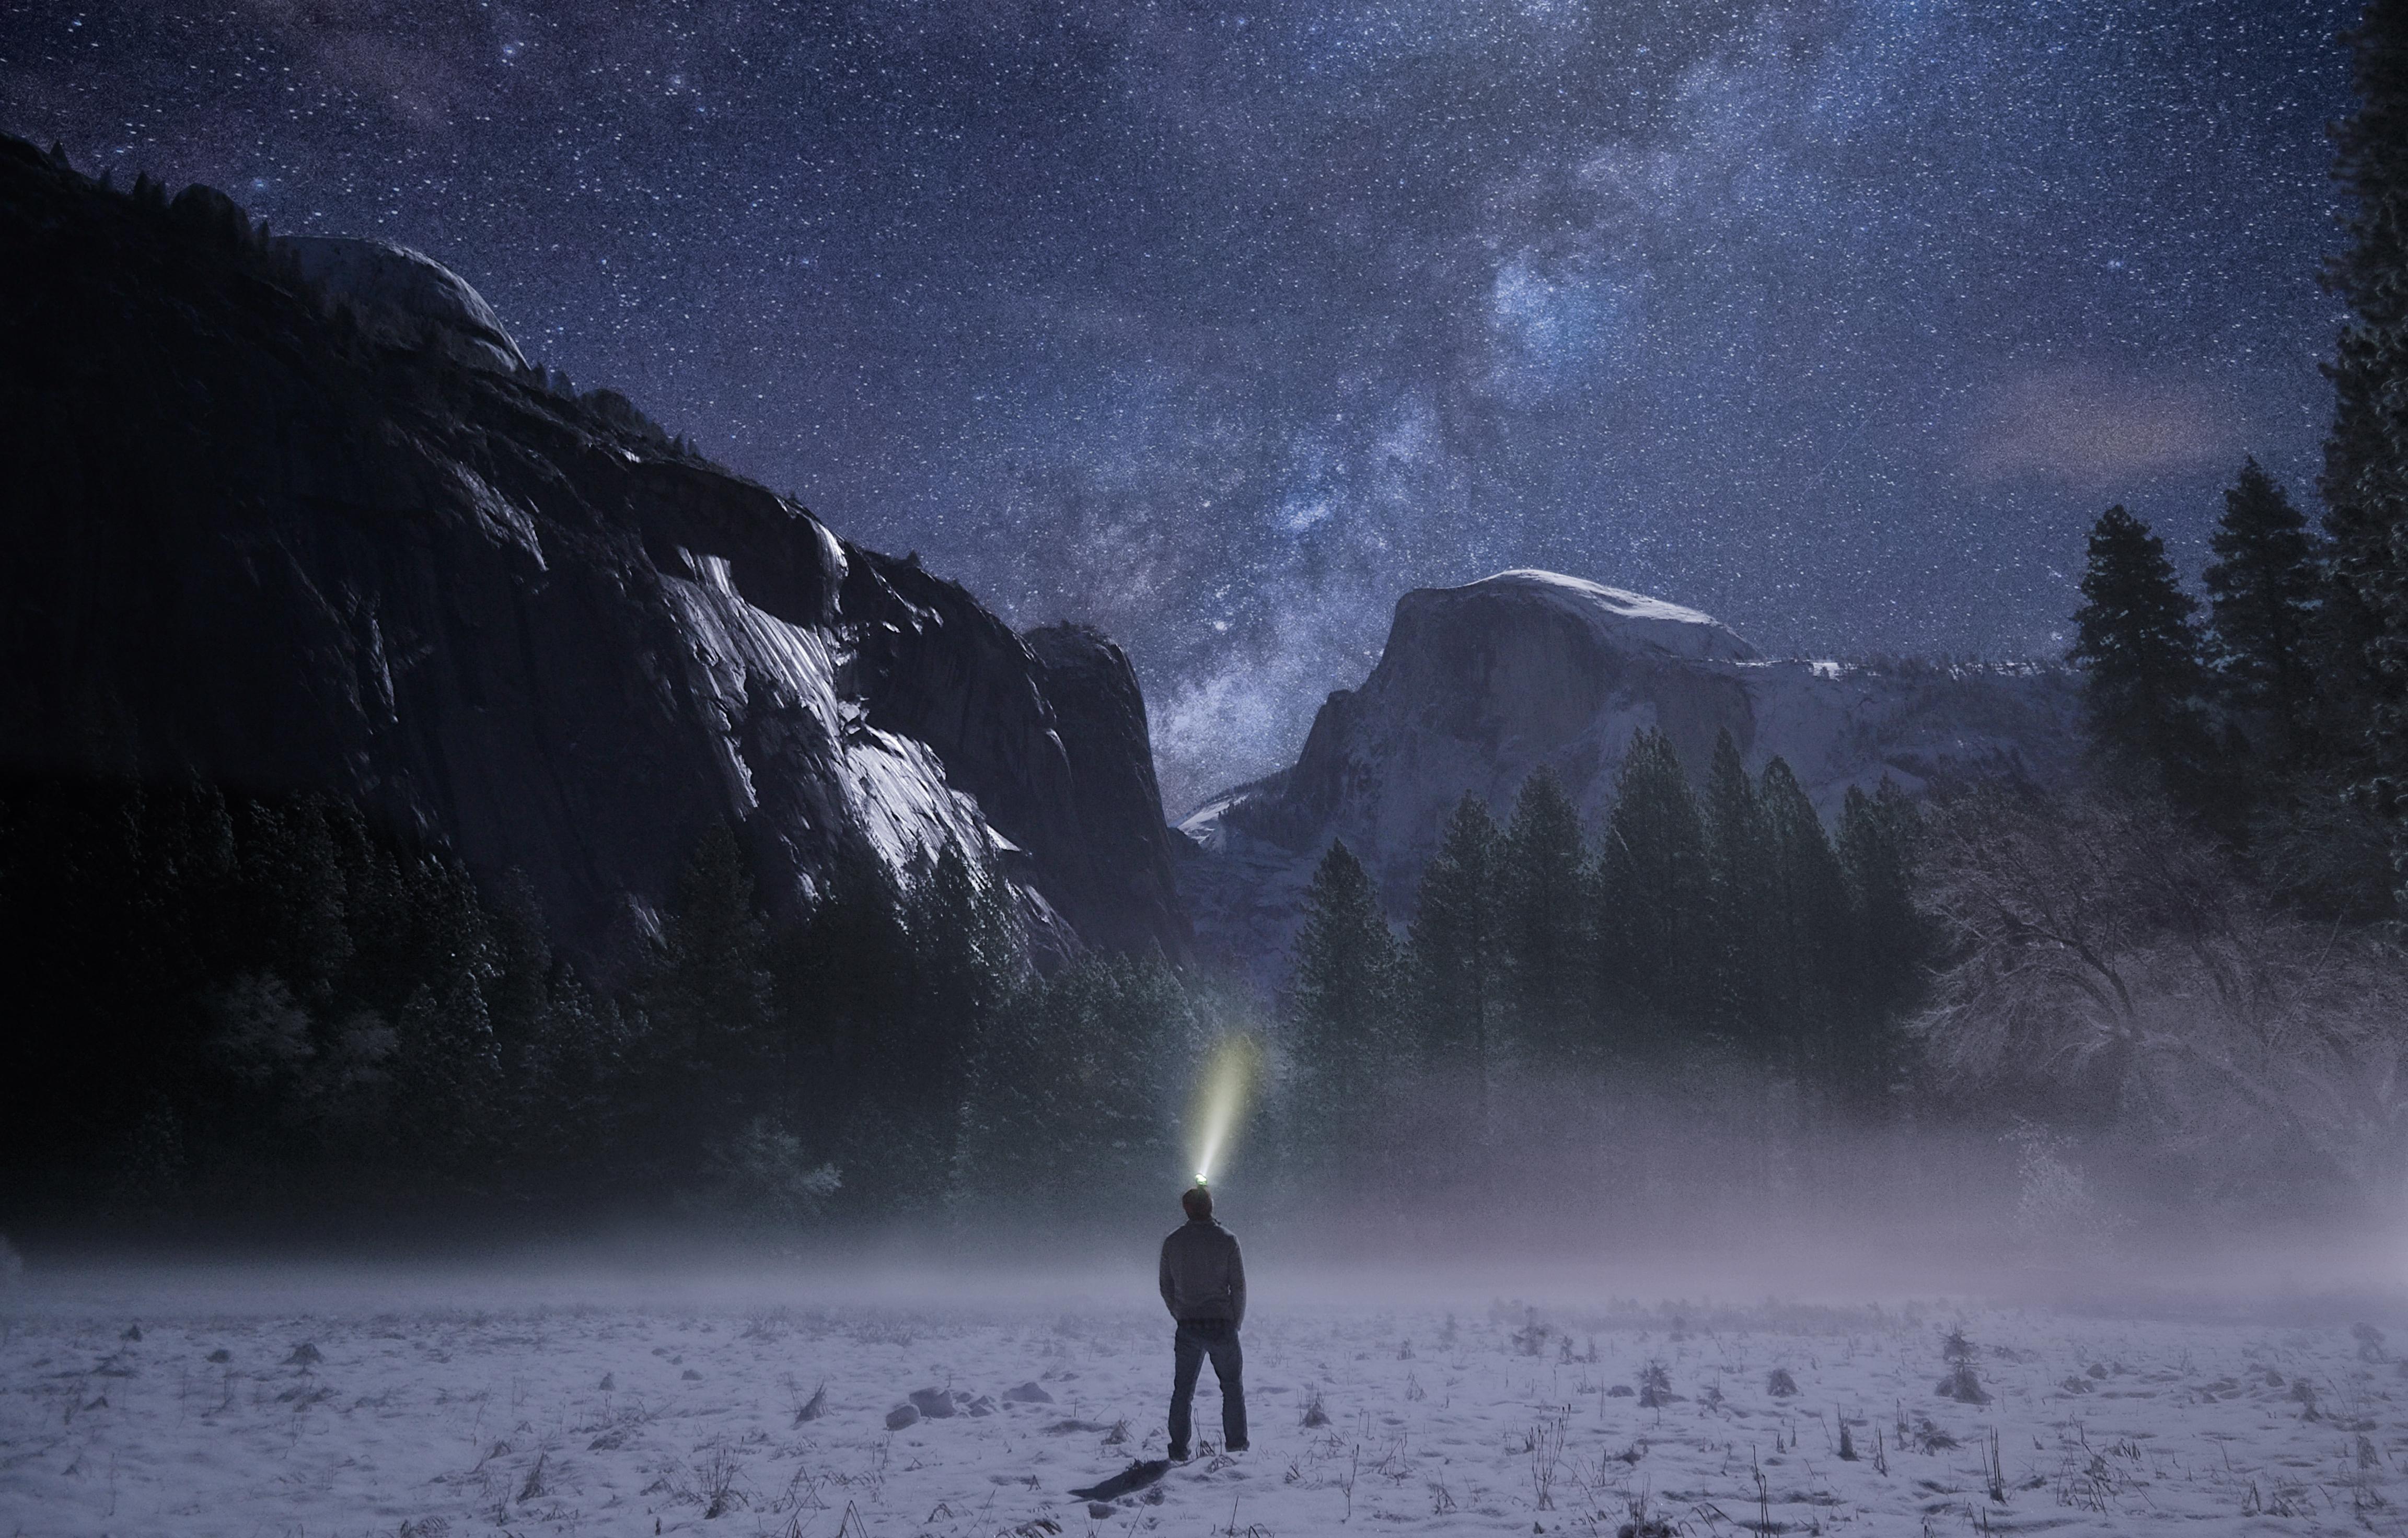 139054 Hintergrundbild 1024x600 kostenlos auf deinem Handy, lade Bilder Natur, Mountains, Übernachtung, Sternenhimmel, Einsamkeit 1024x600 auf dein Handy herunter